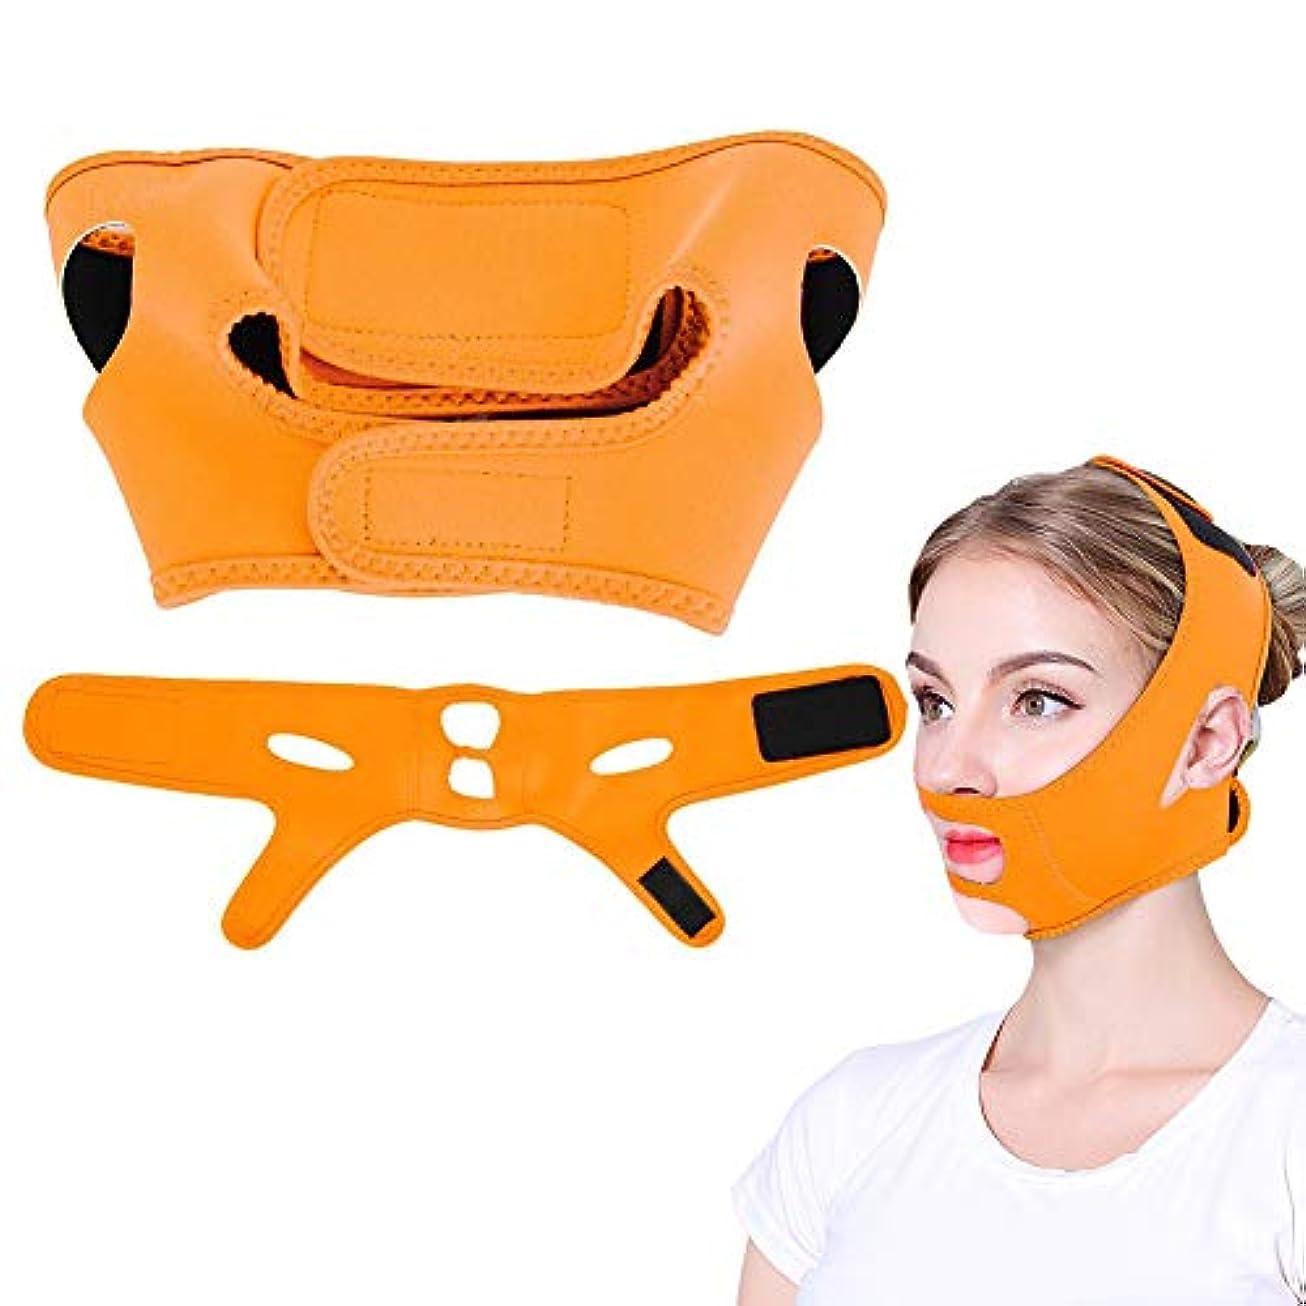 名詞ヒロイン農学フェイススリミング包帯小 顔 美顔 矯正、顎リフト フェイススリミングマスク (オレンジ)